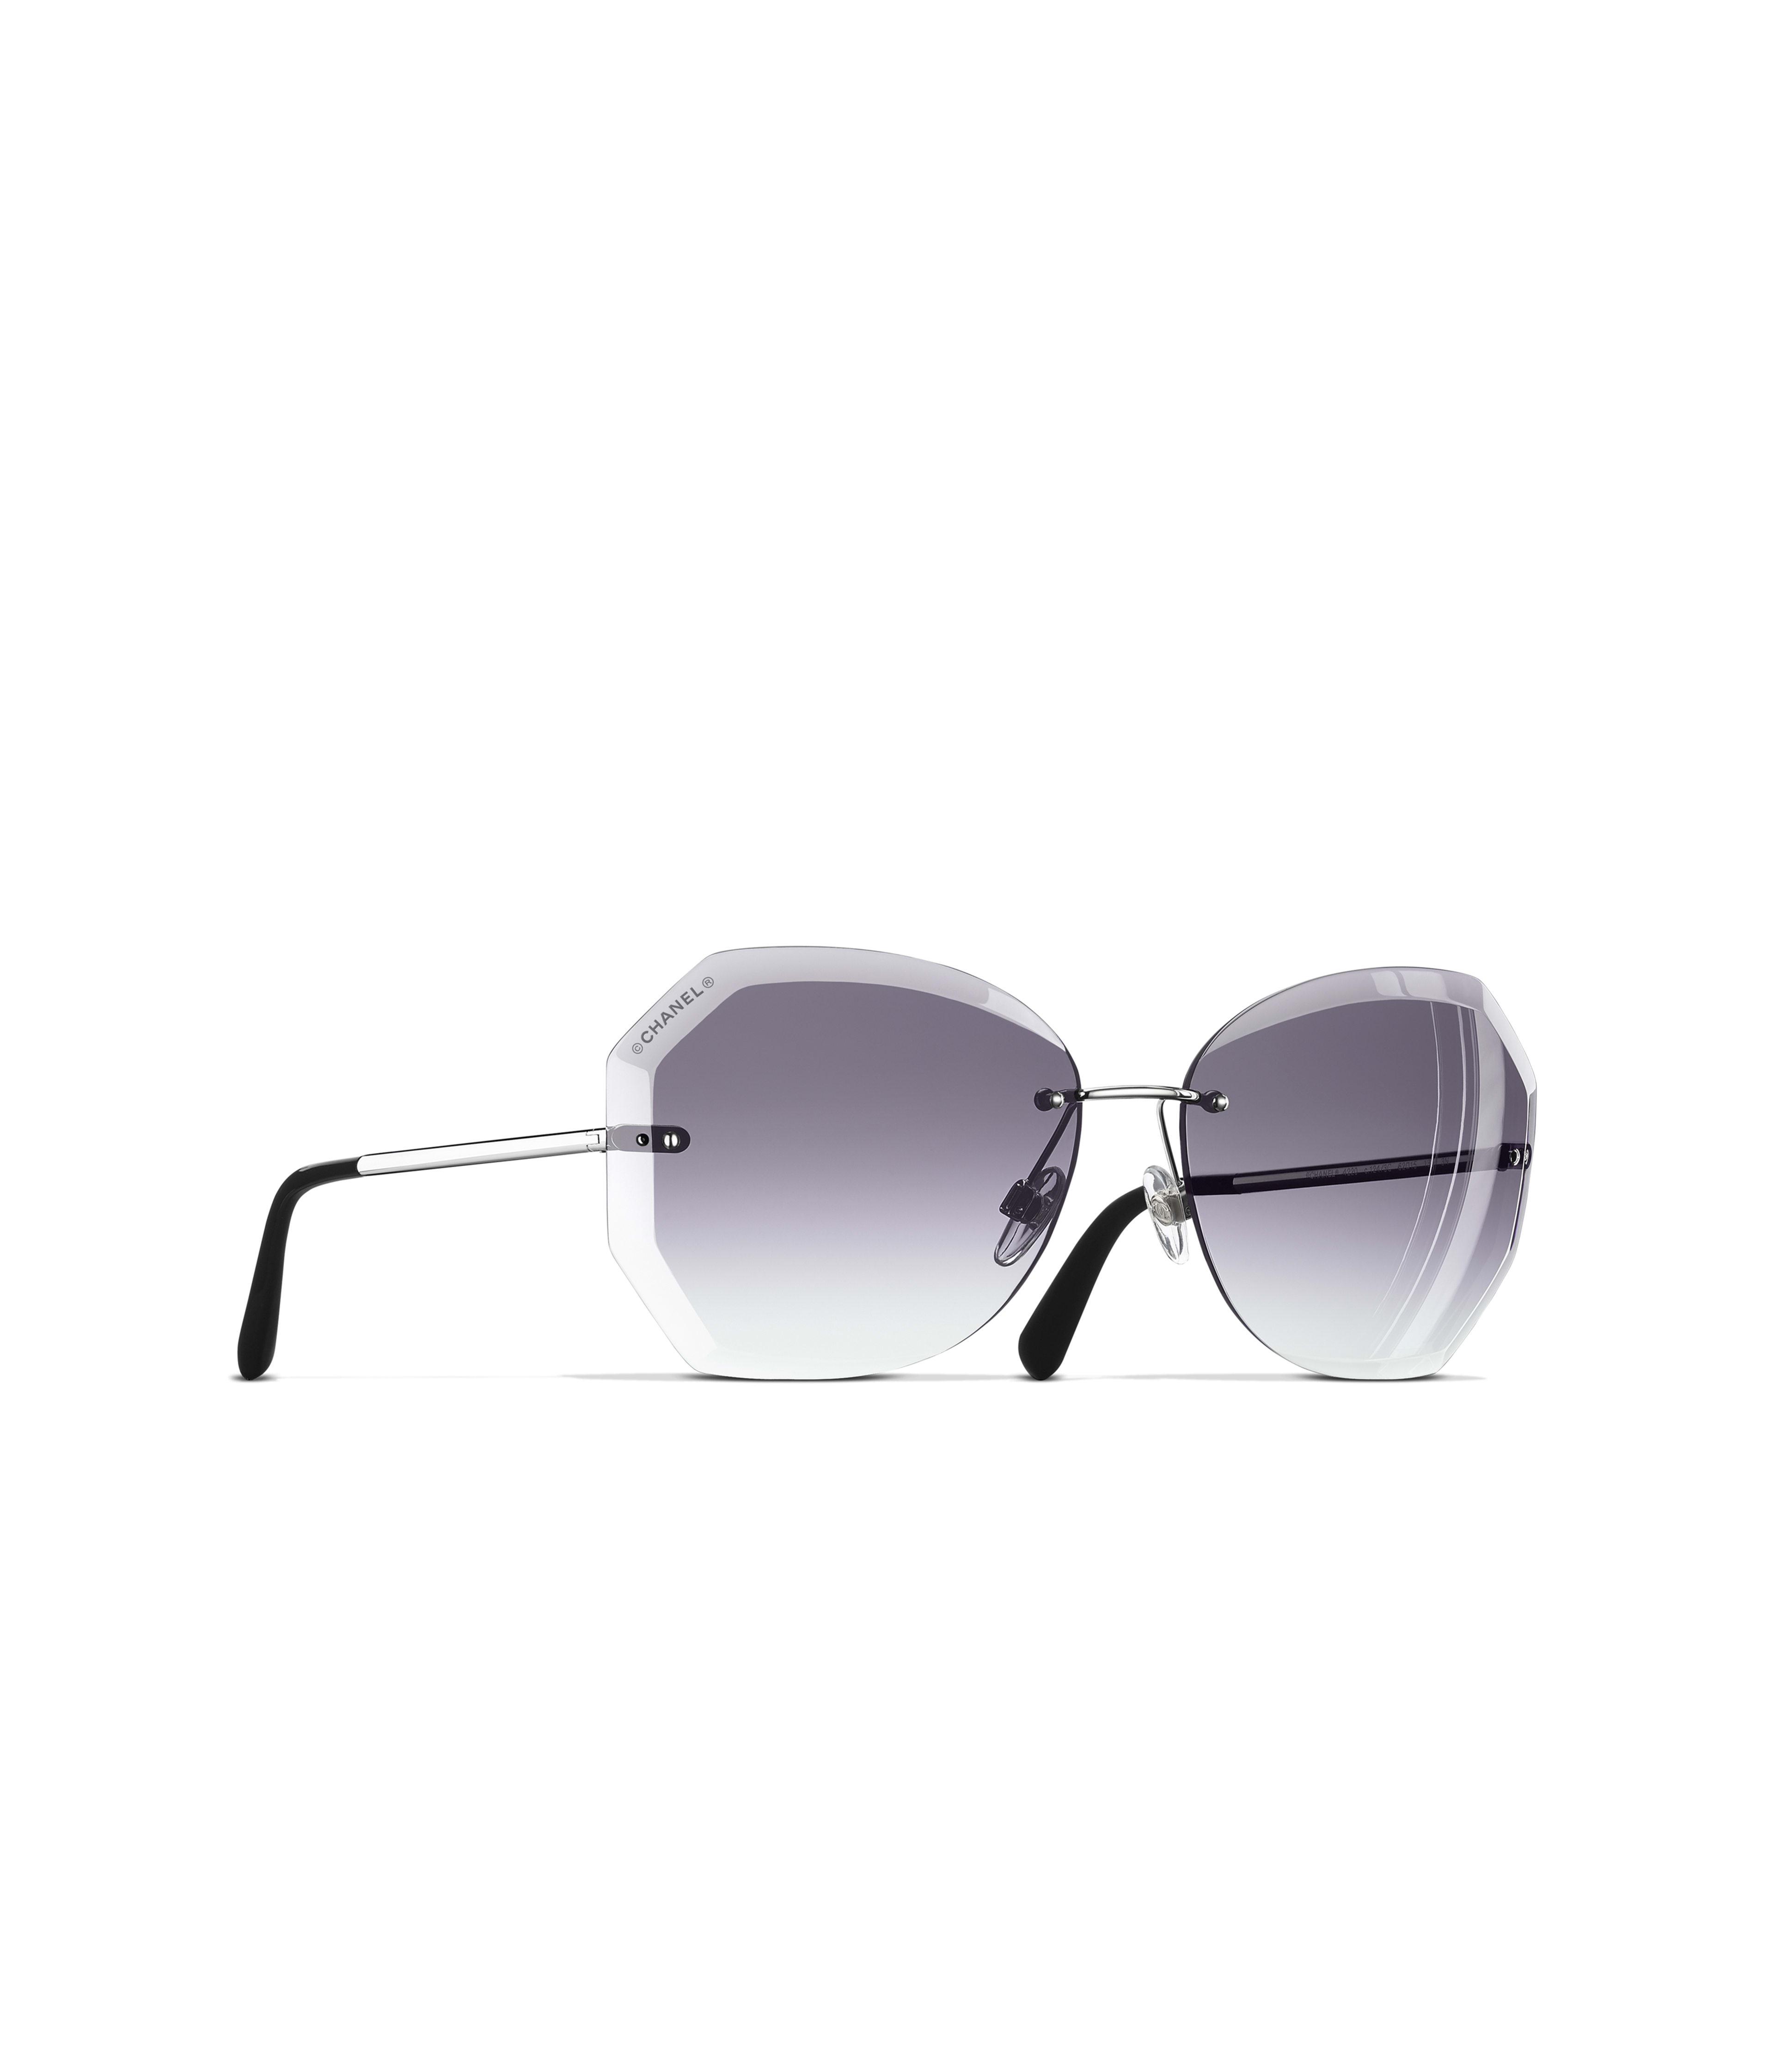 Round Sunglasses Ref. 4220 C124 3C 36c12c03bdb0